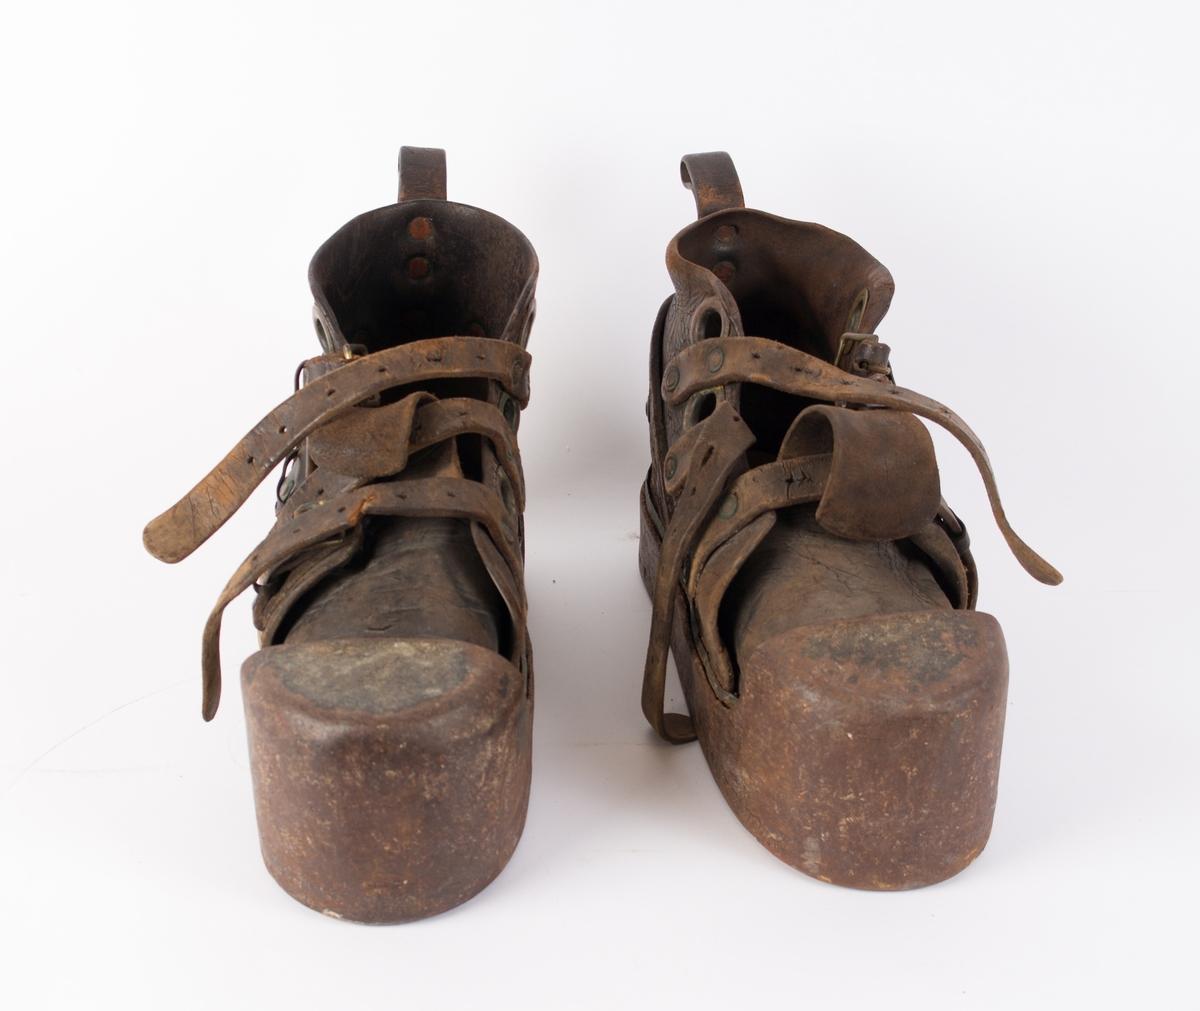 Dykkersko (2 stk.)  benyttet under dykking for å kunne gå på sjøbunnen. Hver sko veier ca. 9 kilo og har tre skinnreimer som kan strammes.